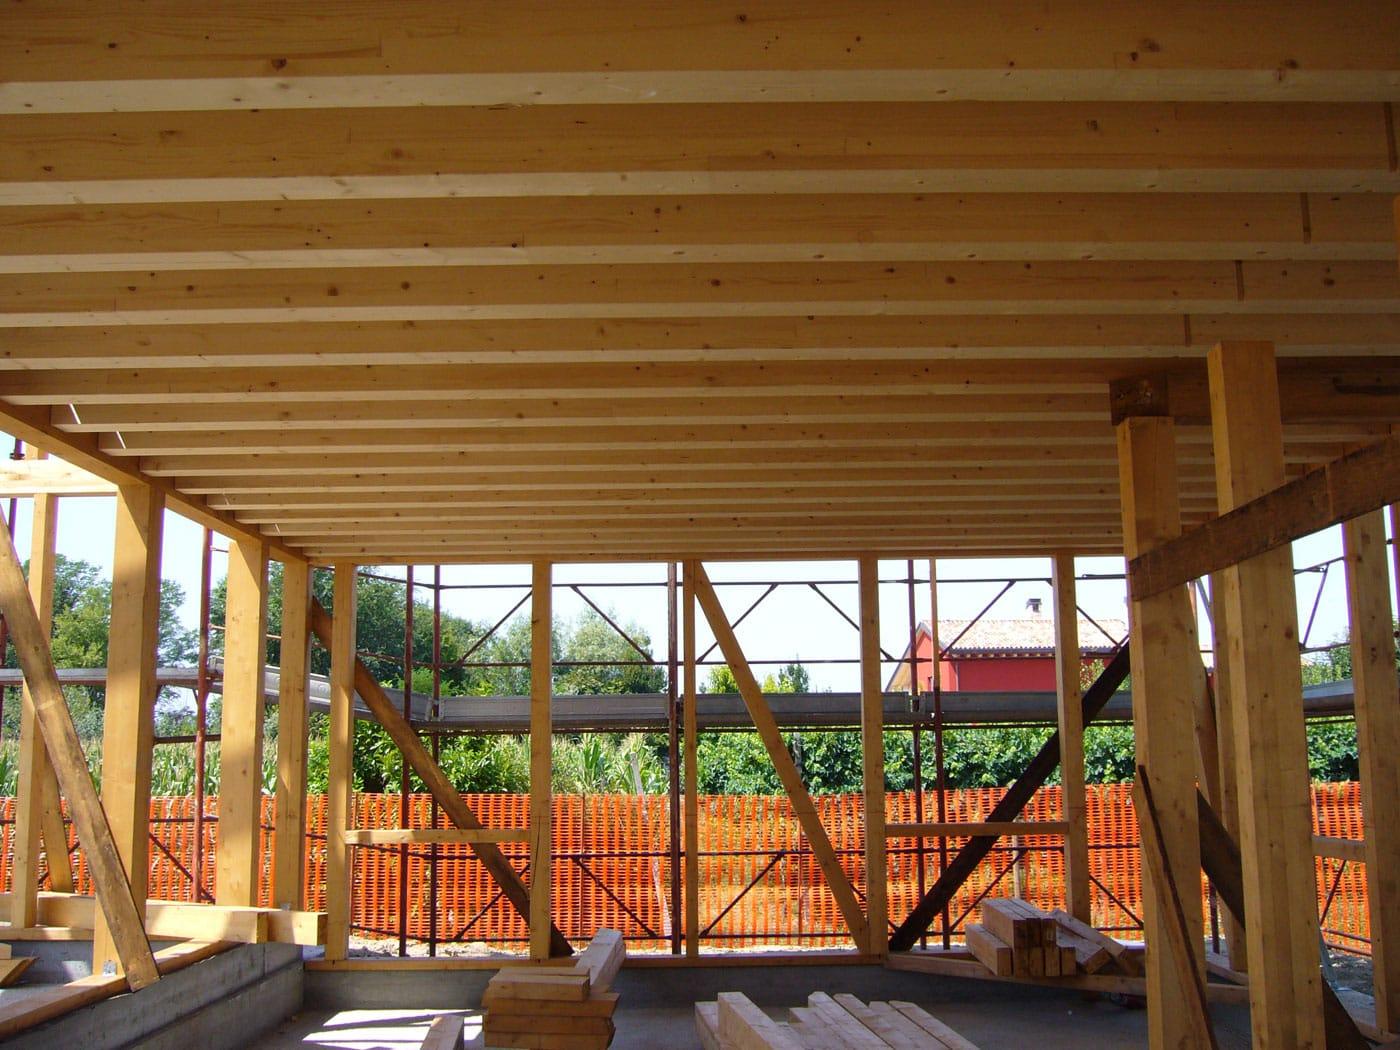 Strutture prefabbricate in legno con rivestimento for Strutture prefabbricate in legno